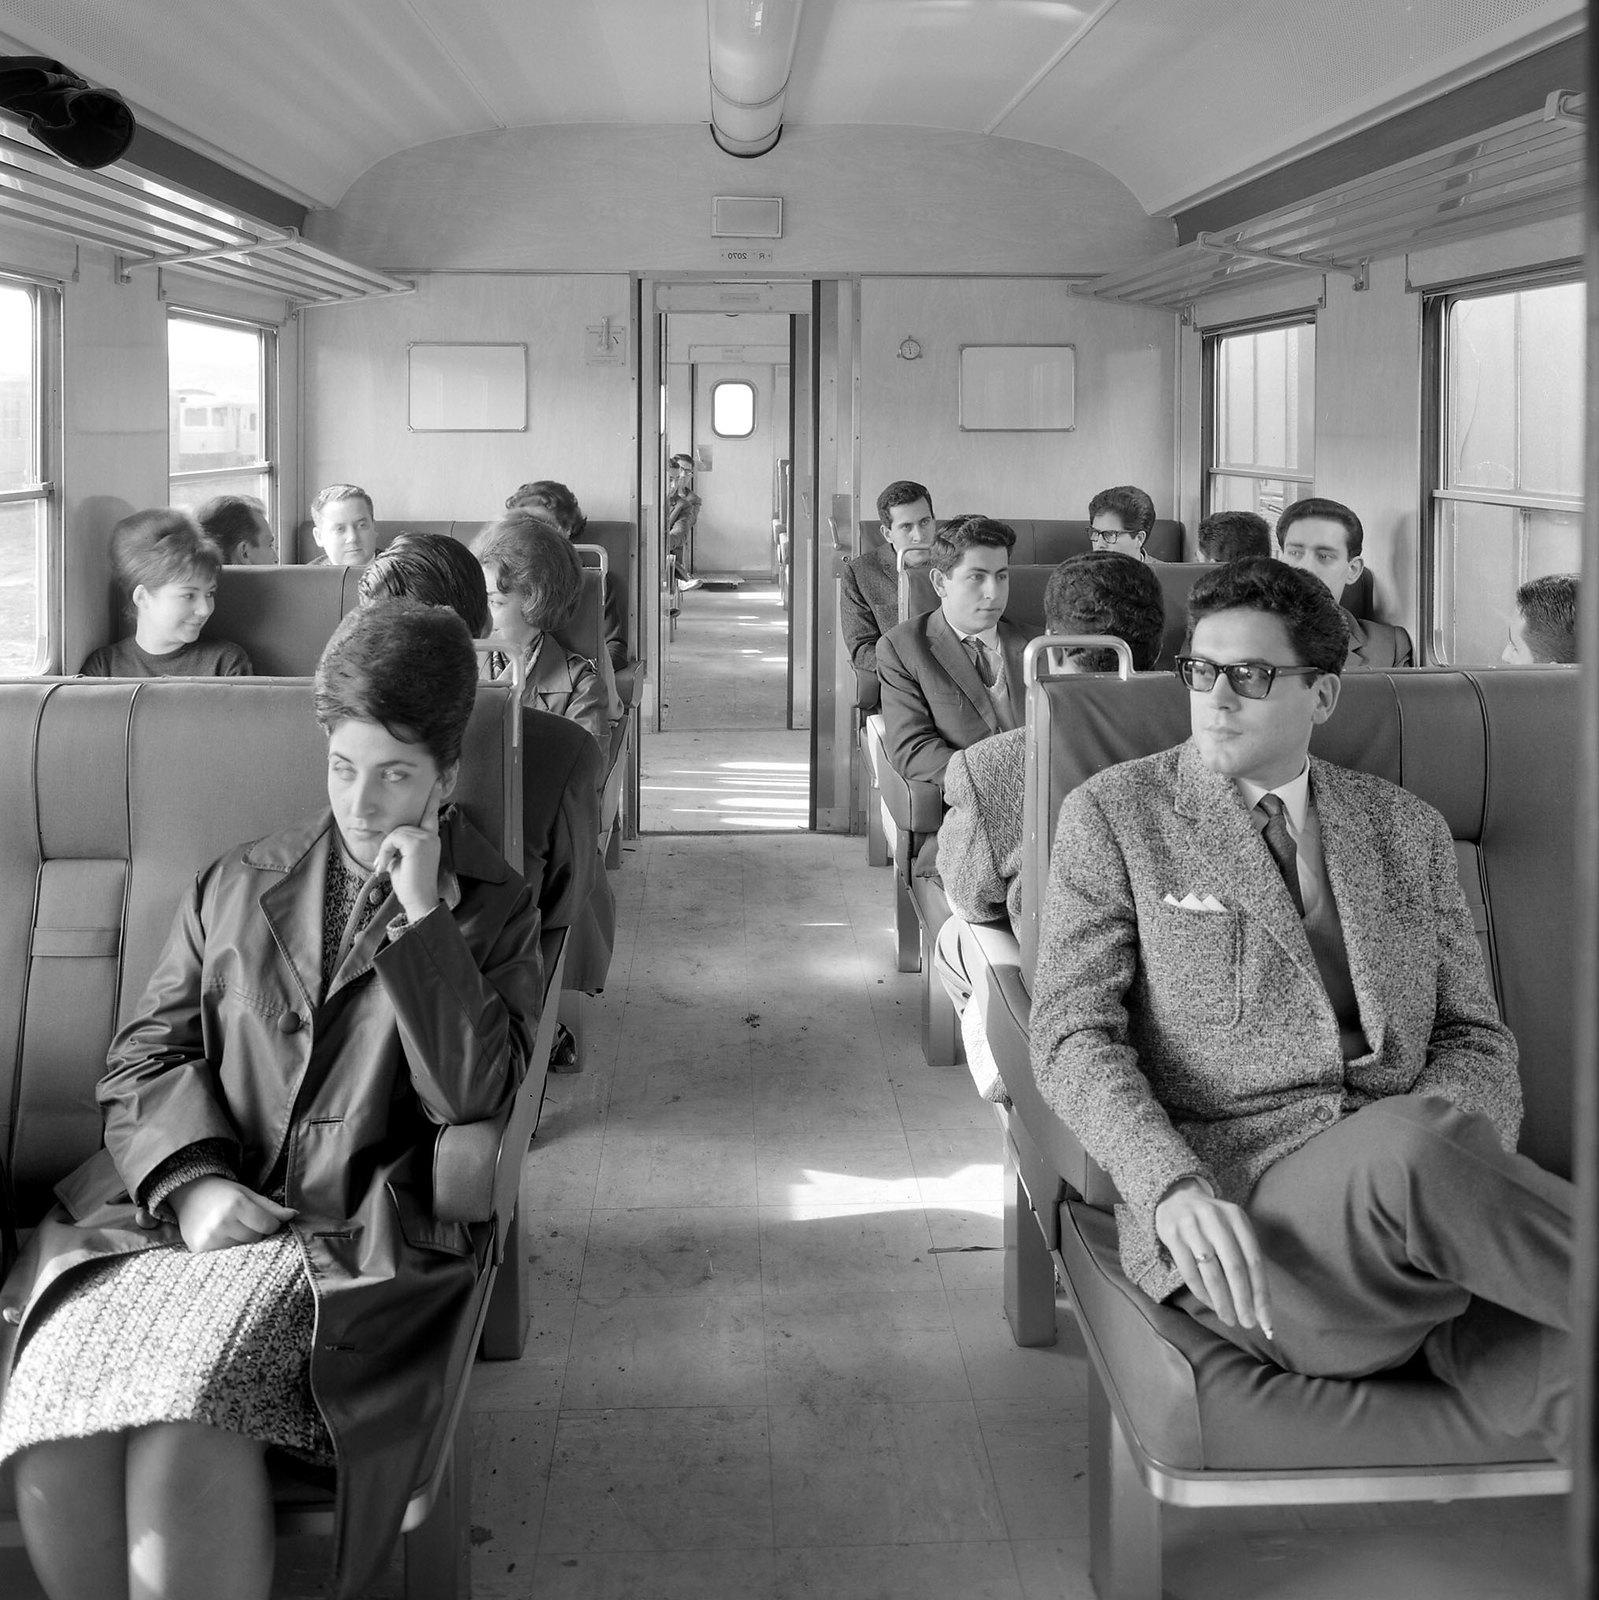 «Comboio», Portugal (H. Novaes c. 1960)